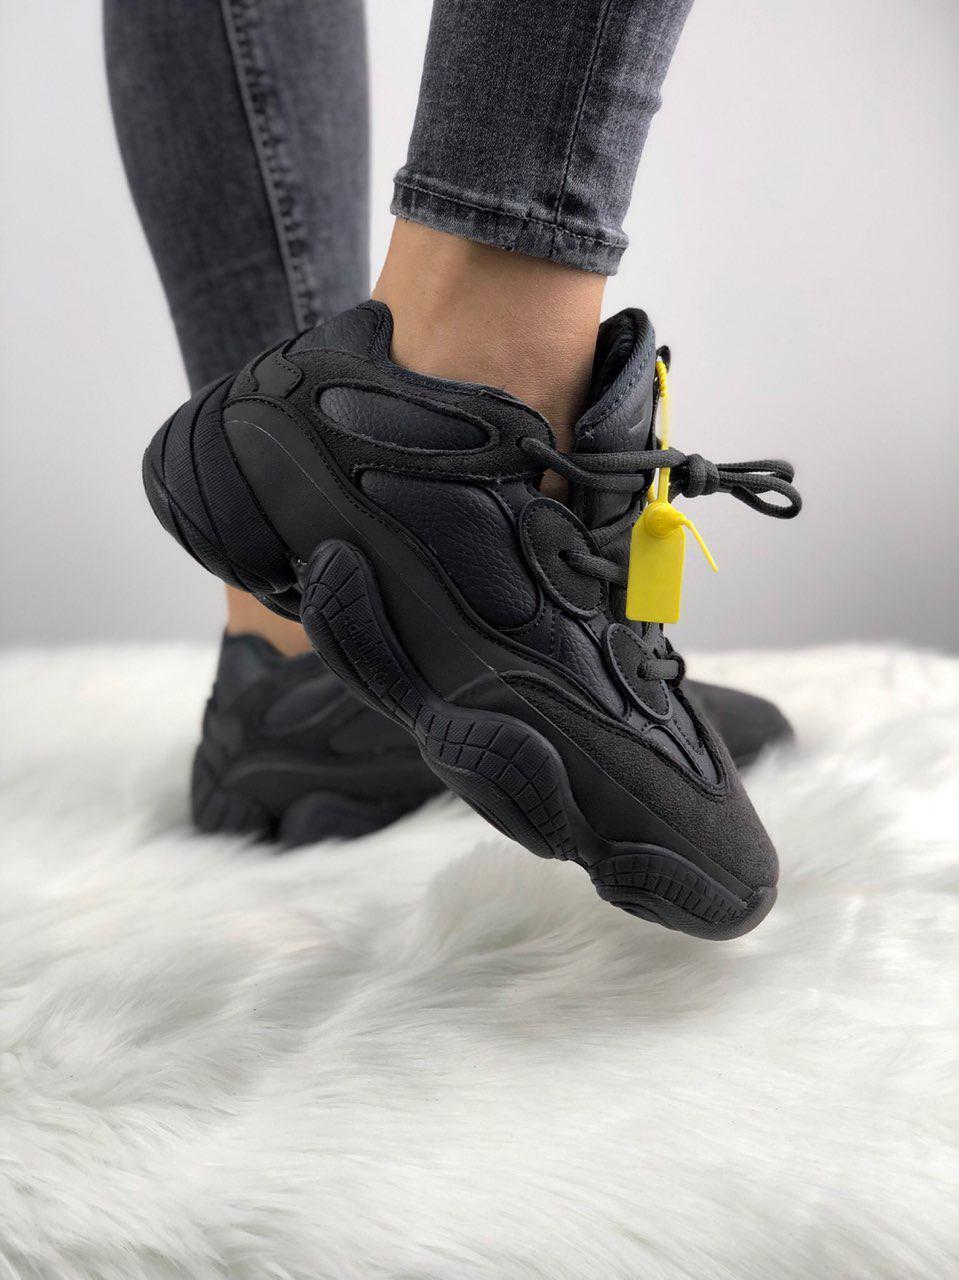 Зимние кроссовки Adidas Yeezy 500 Utility Black (Мех)